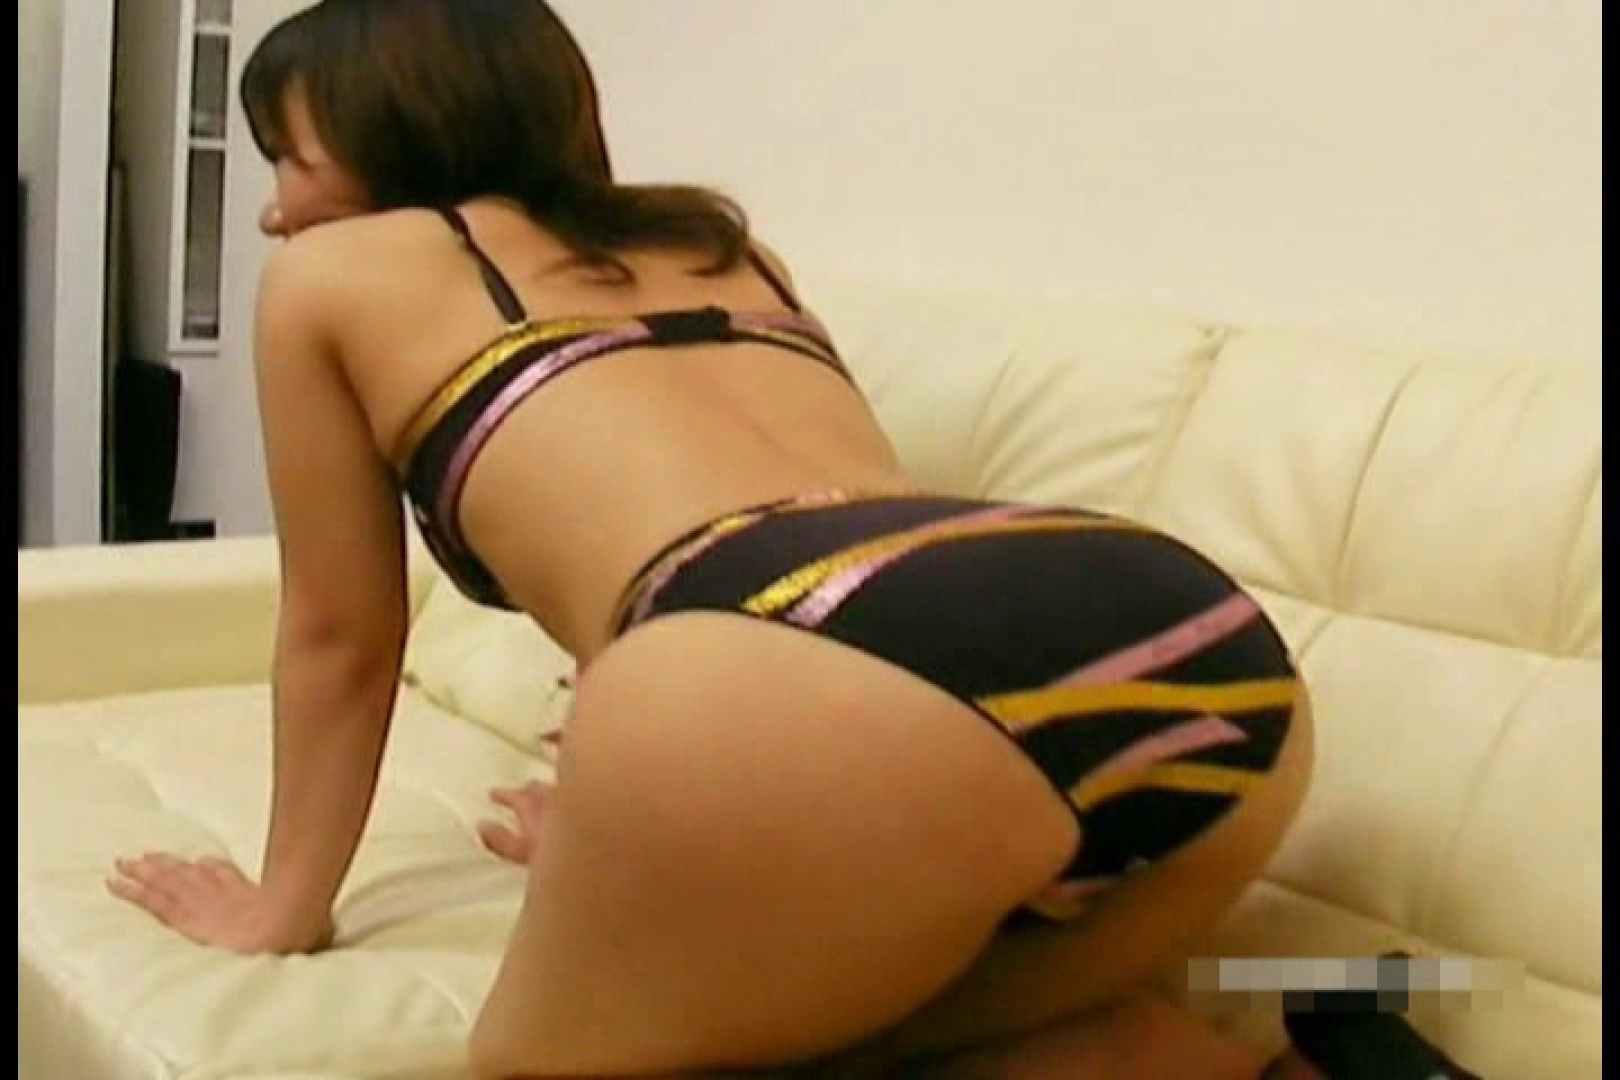 トイレ盗撮|素人撮影 下着だけの撮影のはずが・・・ゆき24歳|大奥